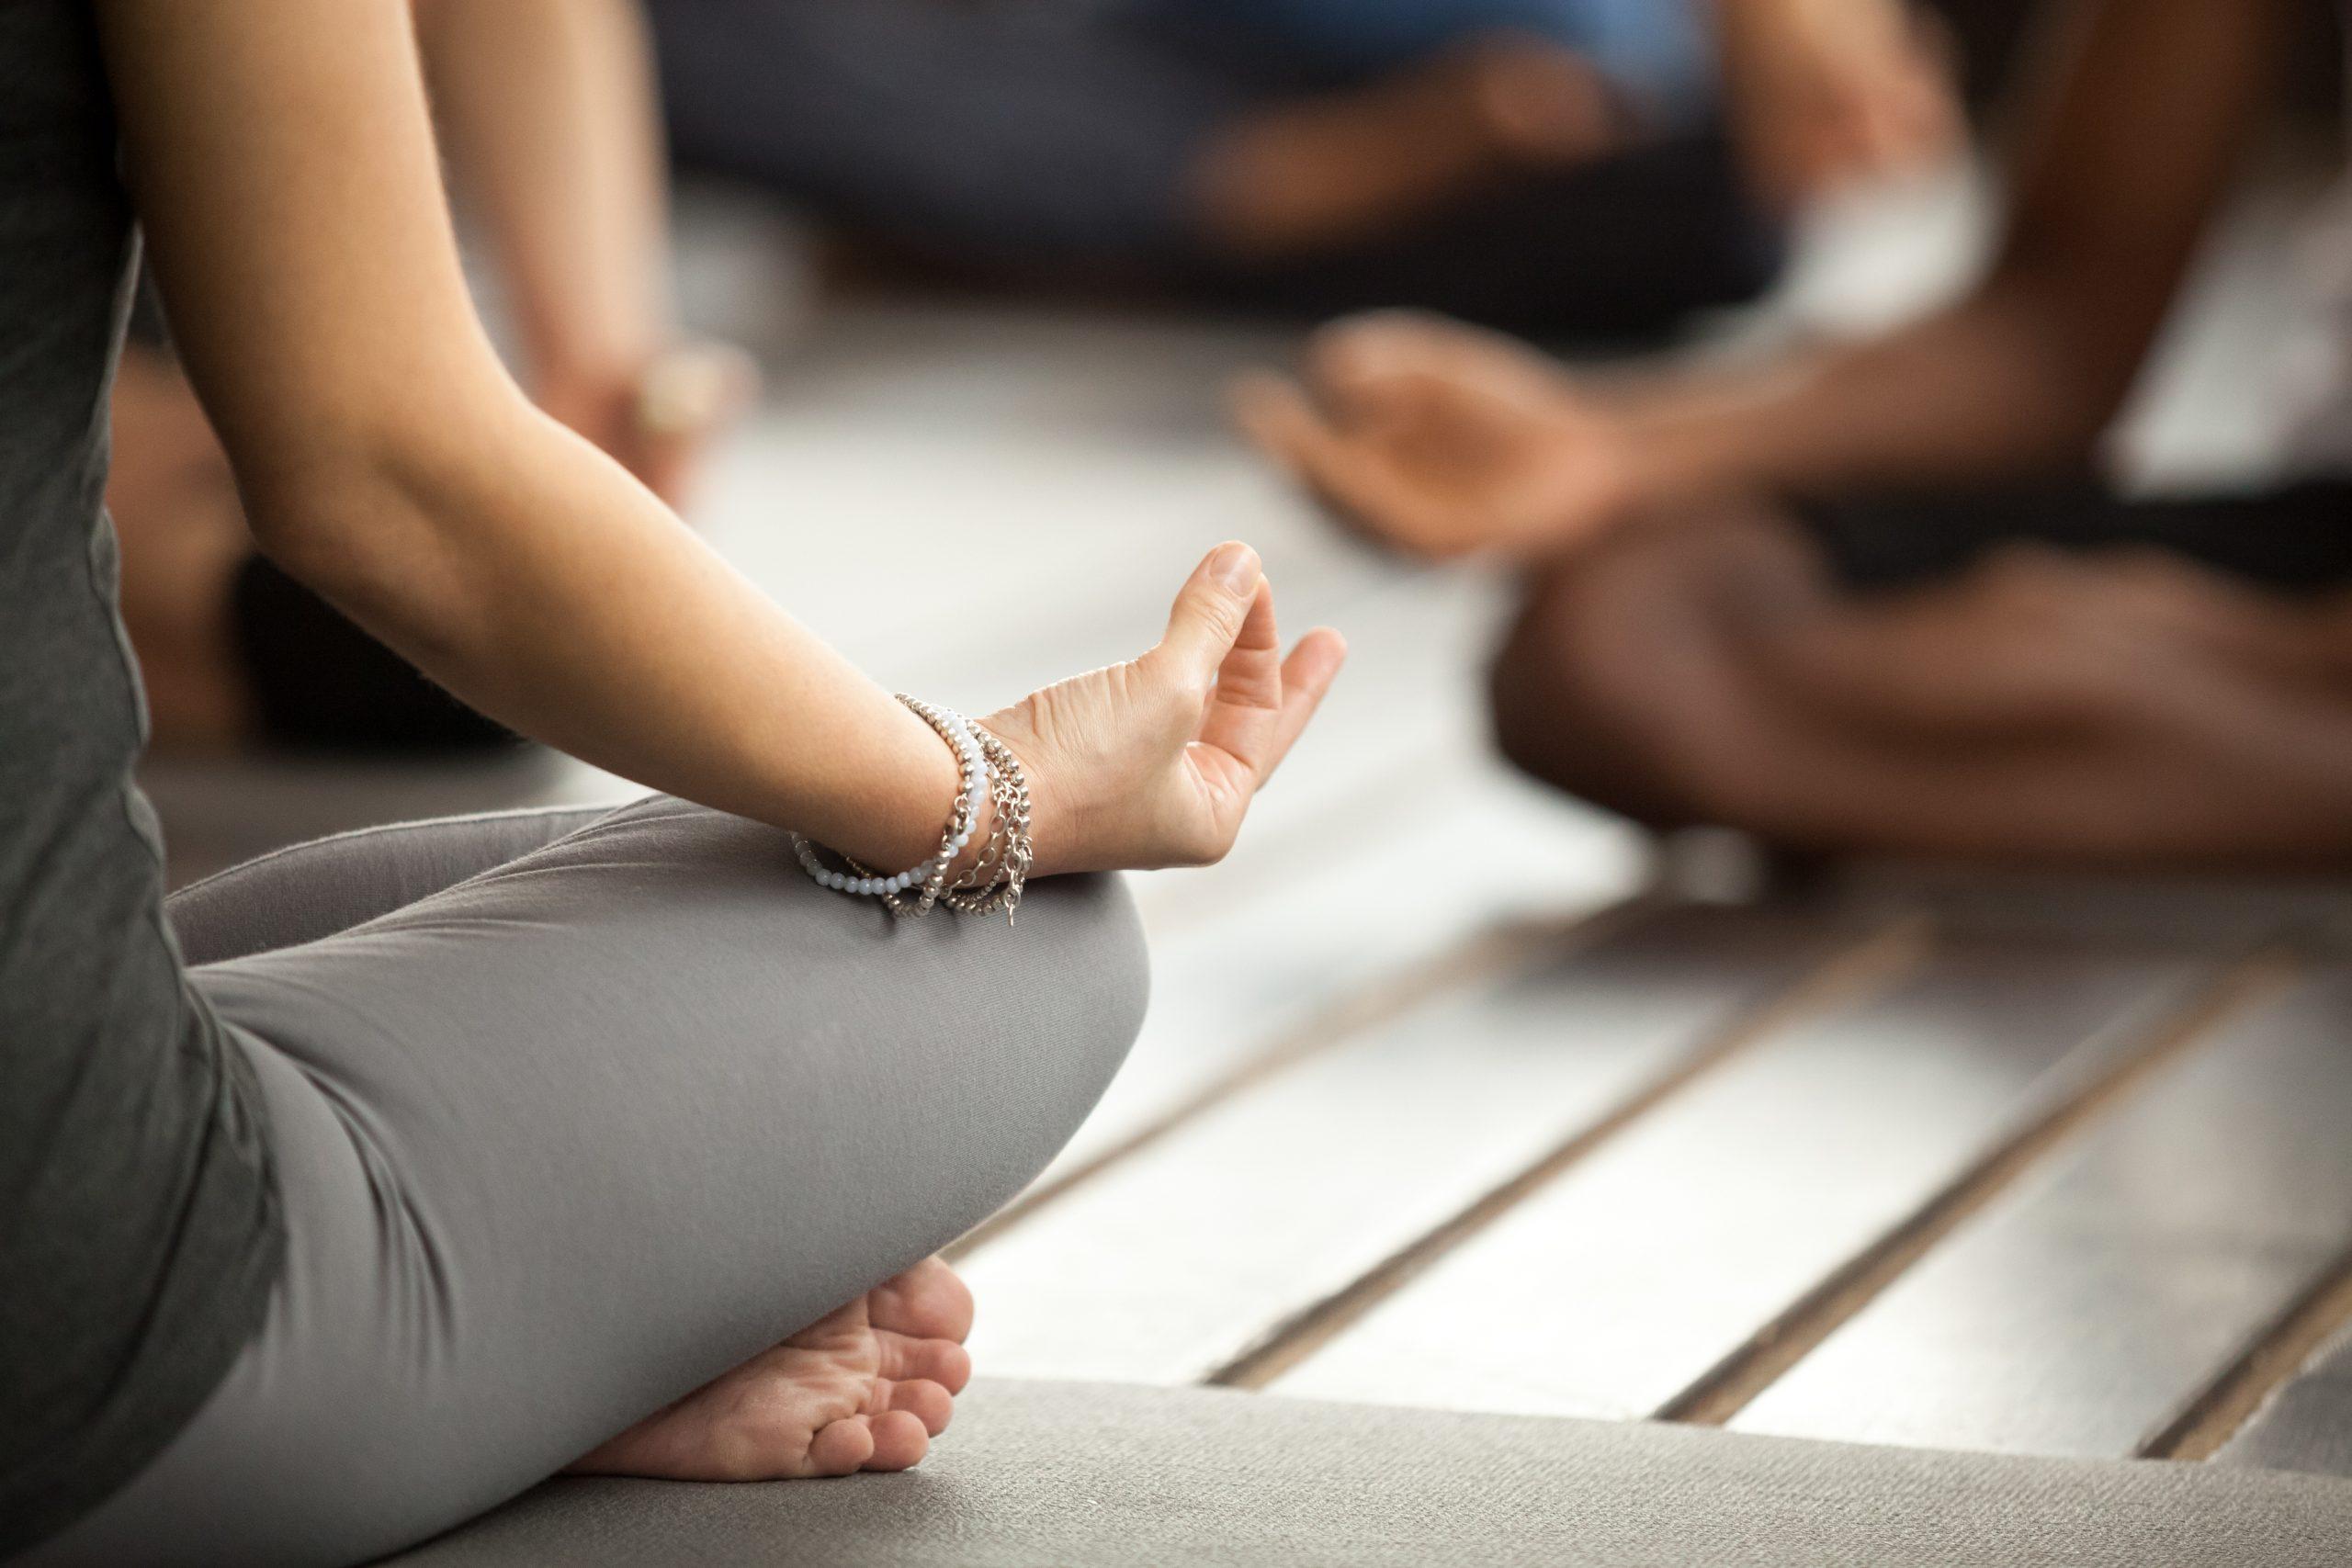 börja yoga?